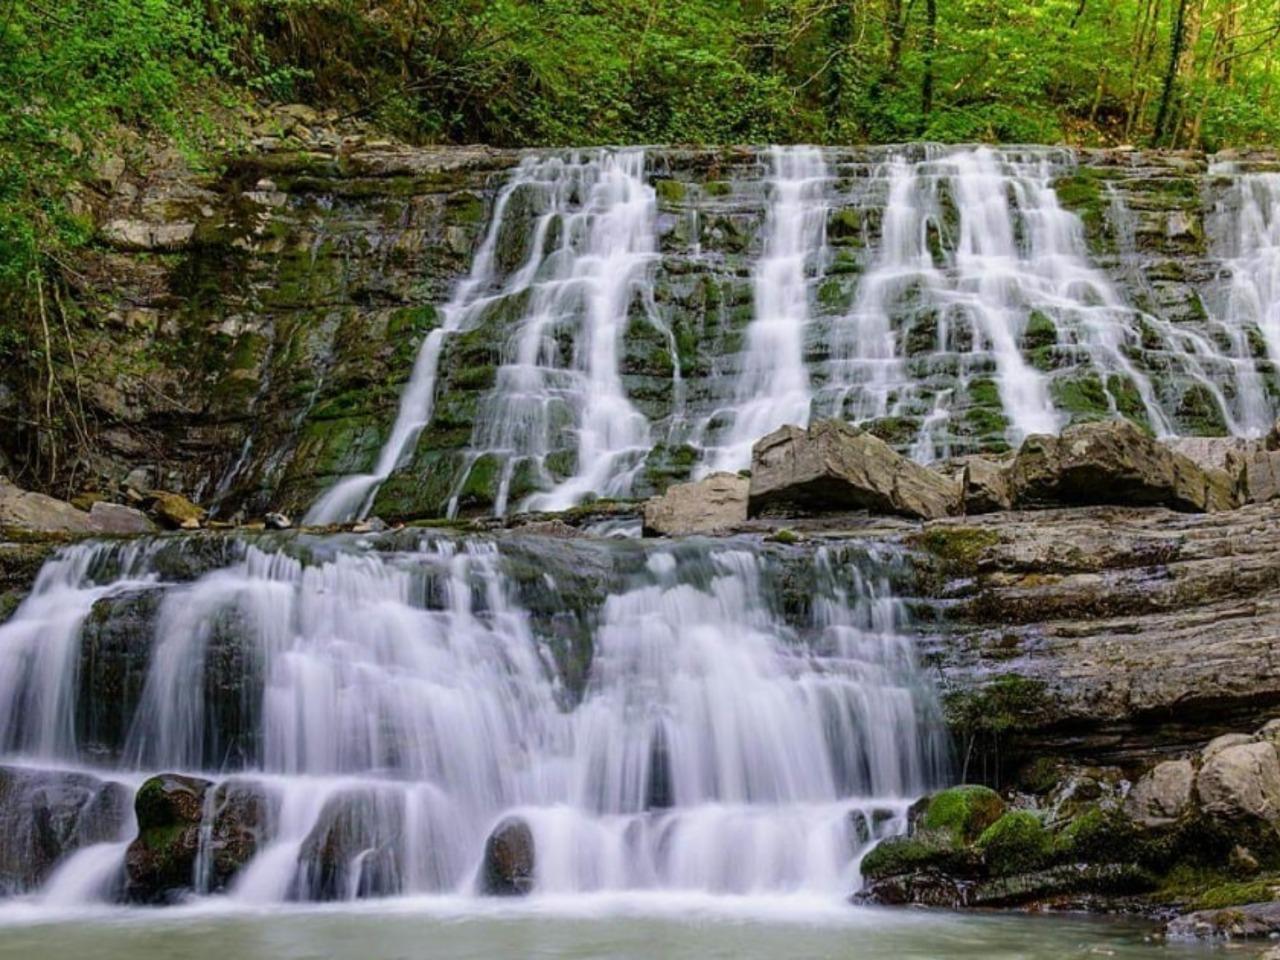 Сочинская экзотика: 33 водопада и долина адыгов - индивидуальная экскурсия в Сочи от опытного гида